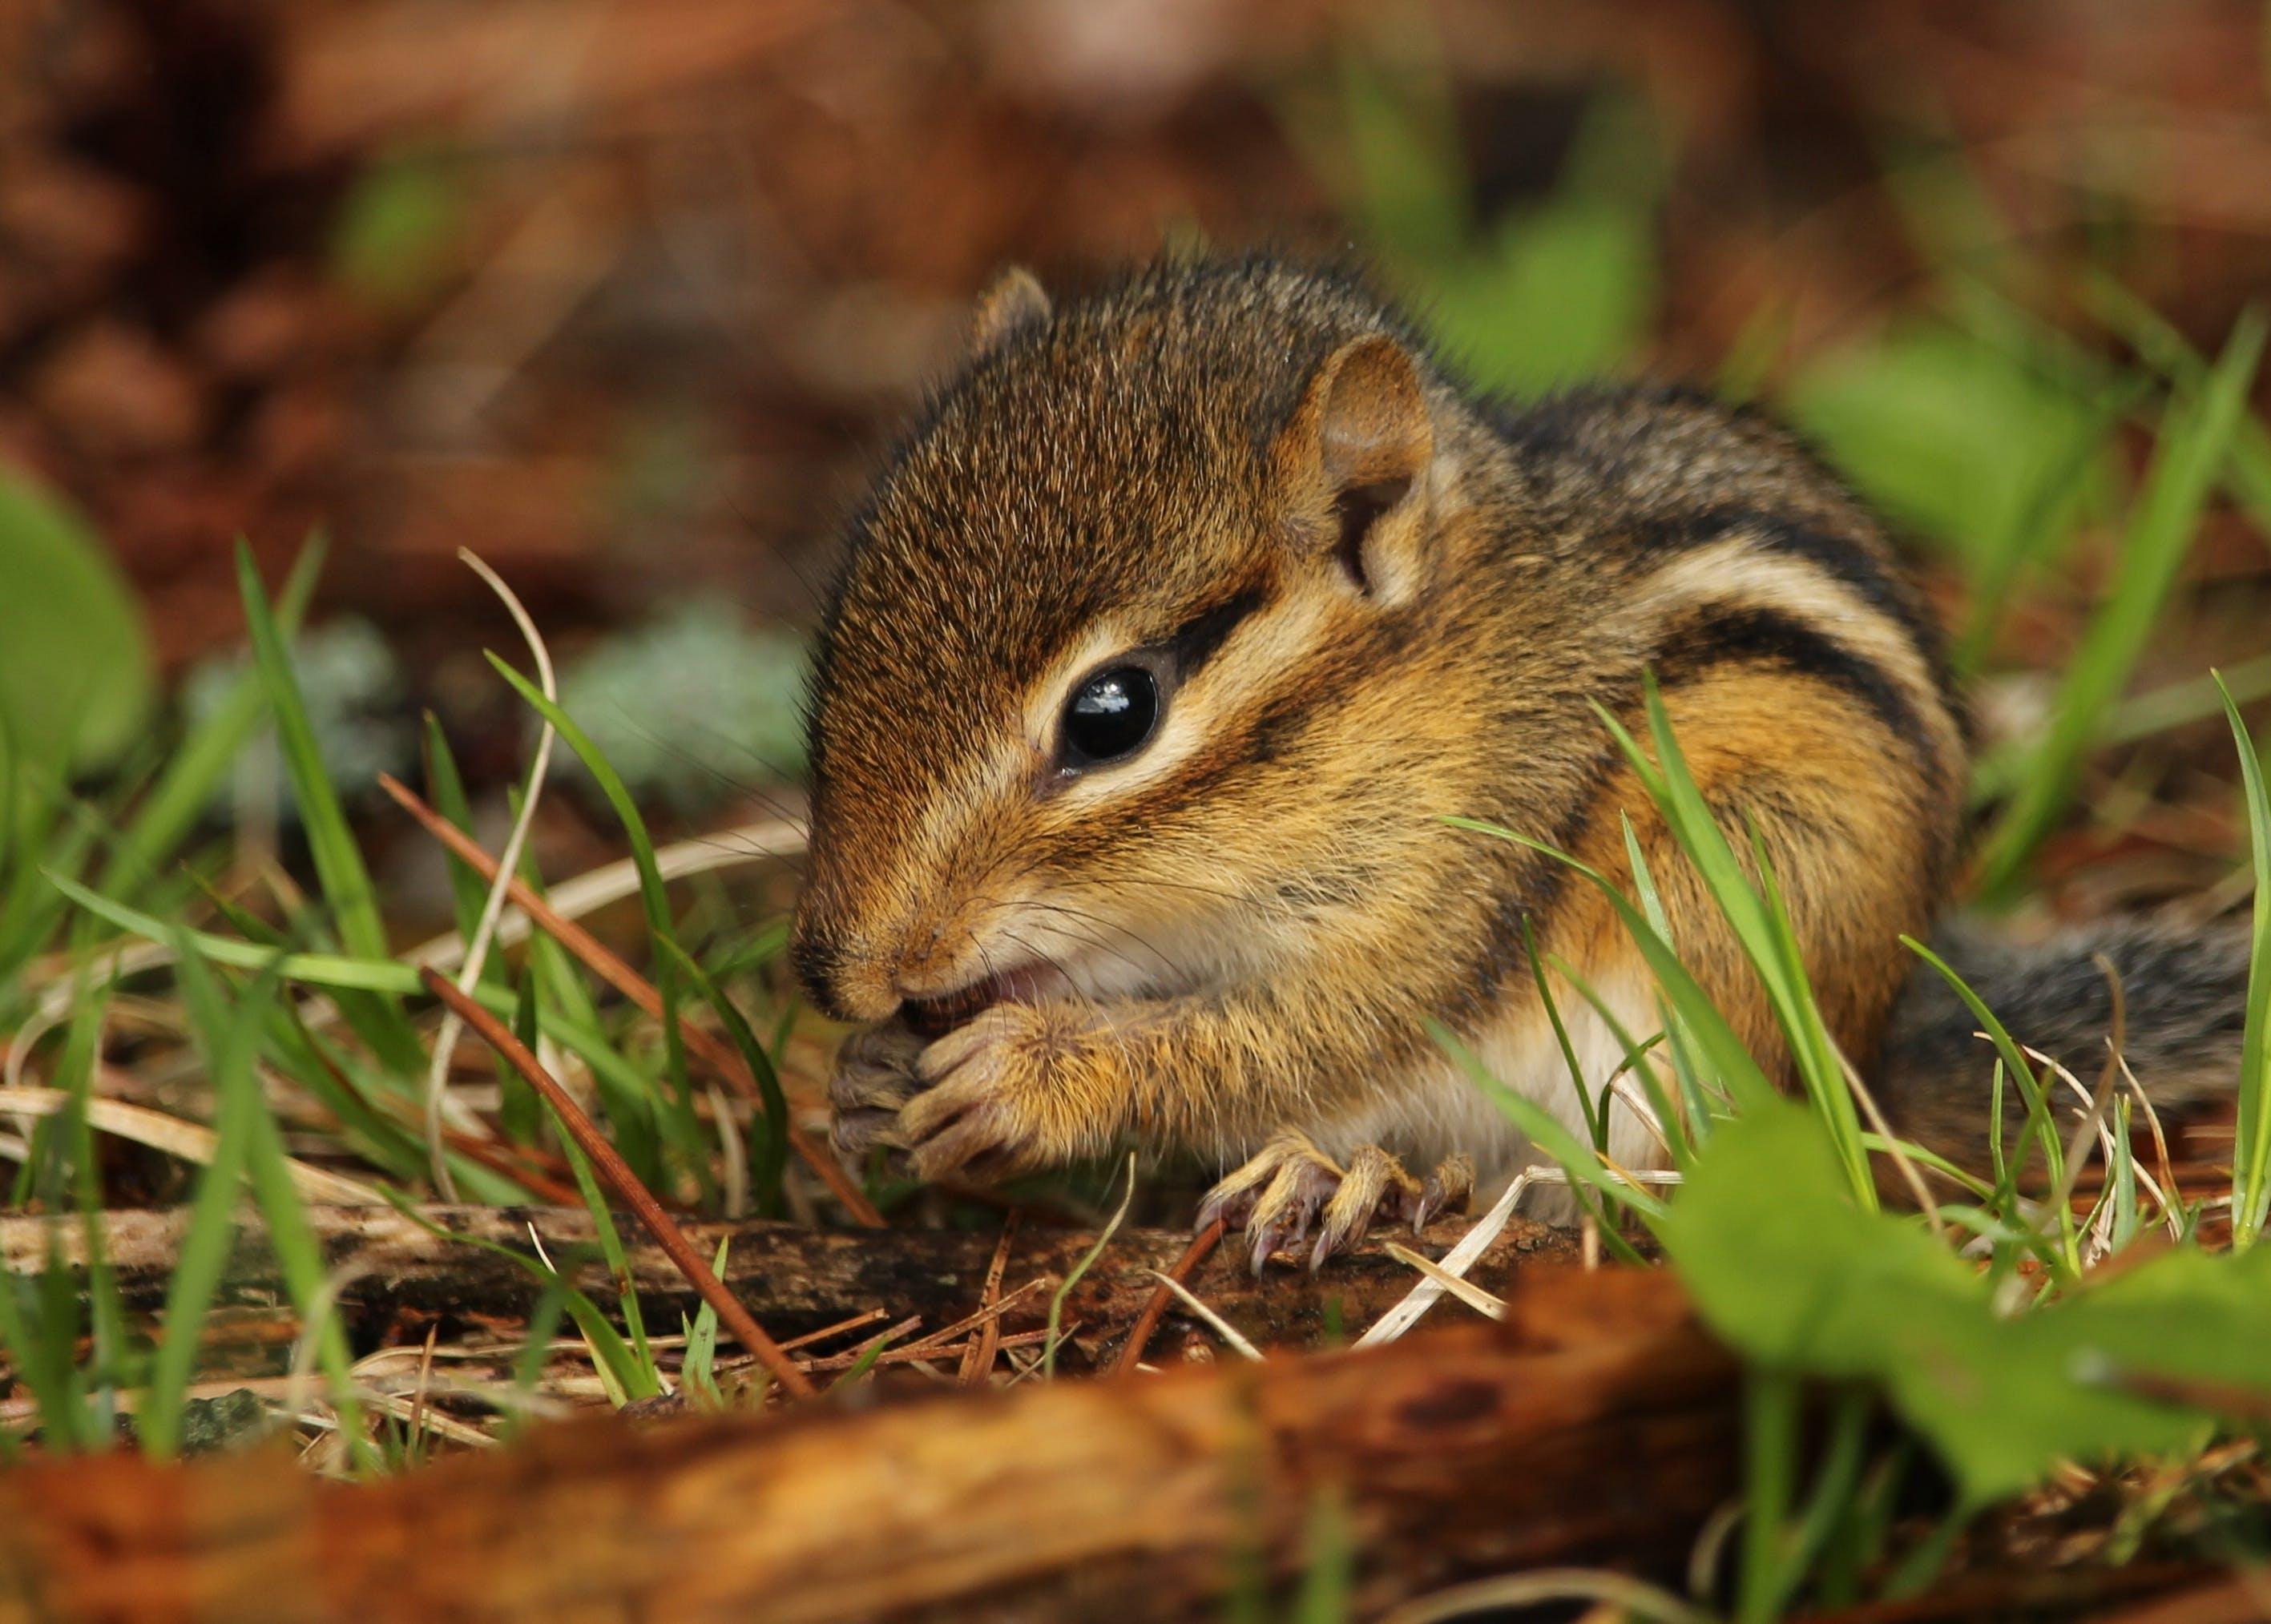 Fotos de stock gratuitas de adorable, animal, ardilla rayada, bebé